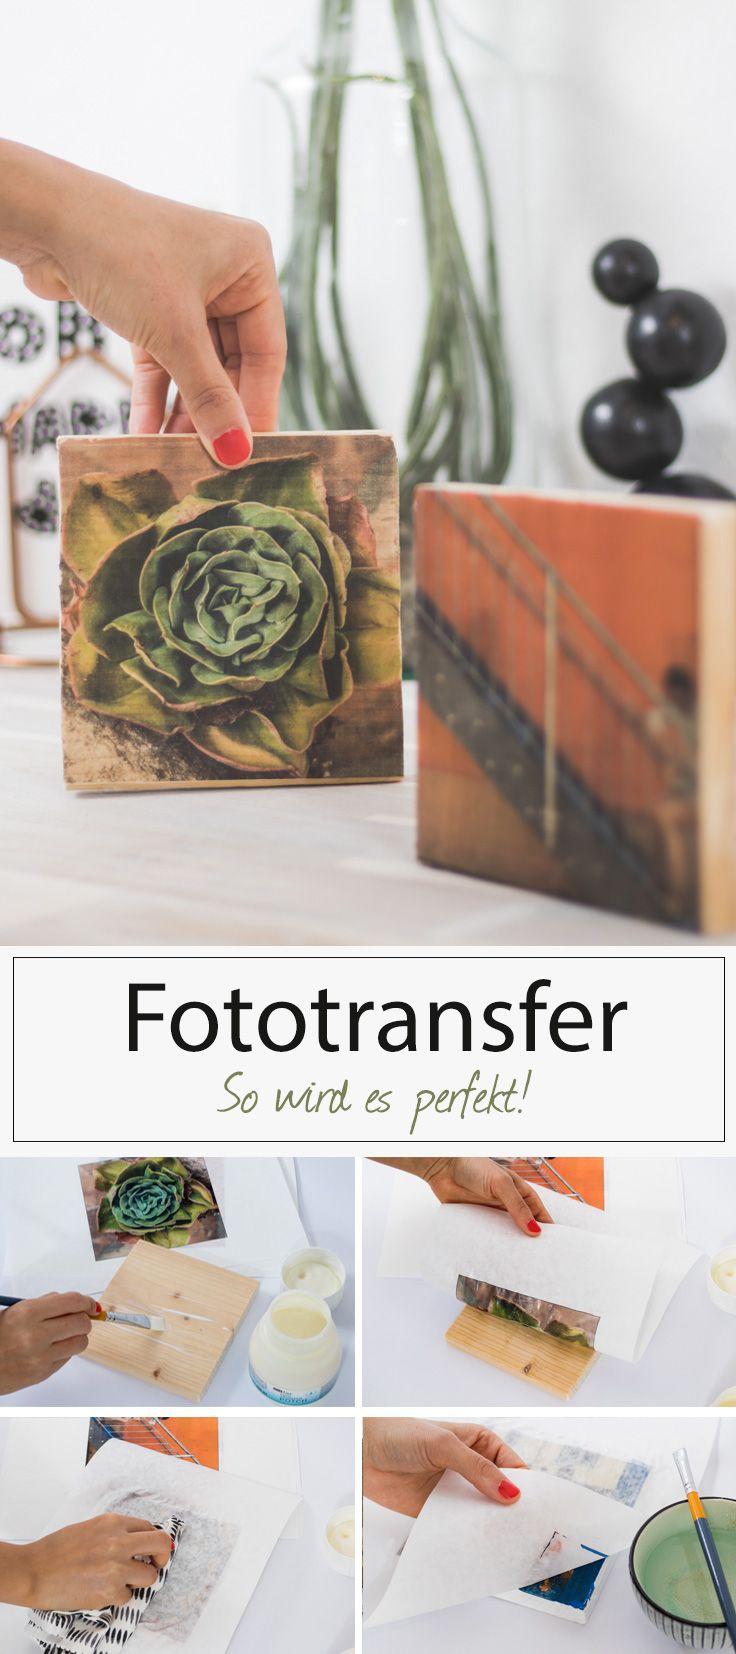 fototransfer mit fotopotch noch besser mit speziellem papier diy blog wendys wohnzimmer diy. Black Bedroom Furniture Sets. Home Design Ideas